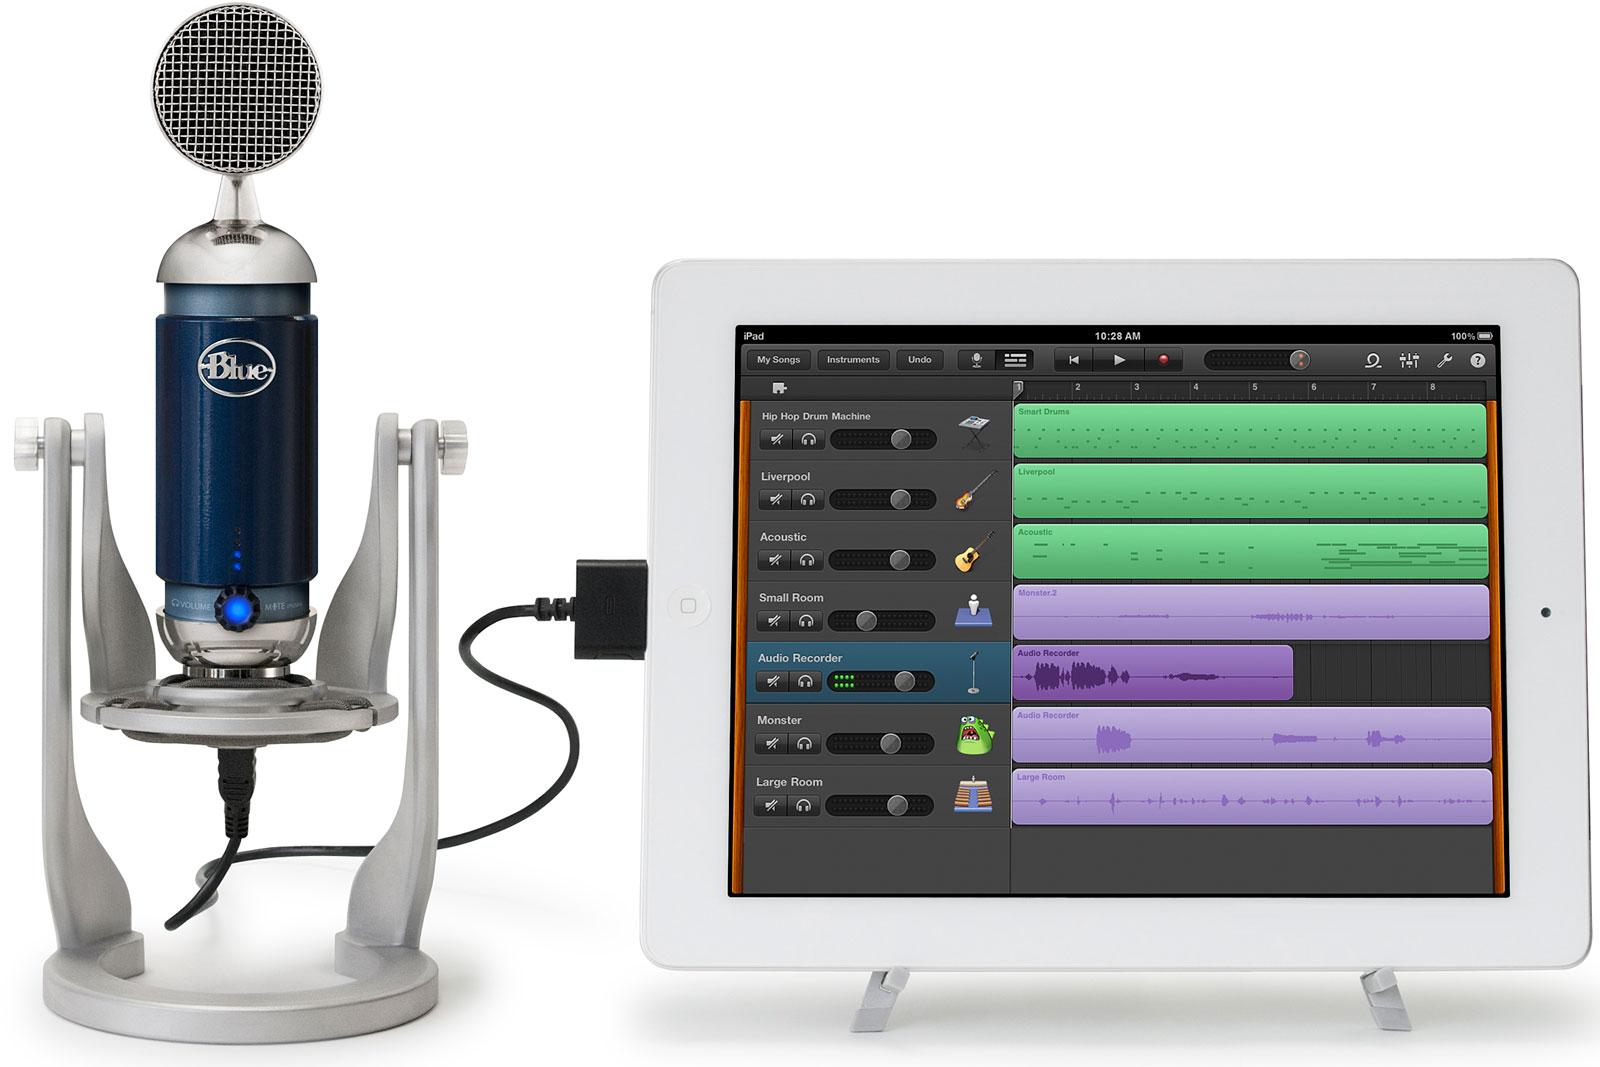 Blue Microphone Spark Digital - mikrofon z USB i oprogramowaniem dla iPad